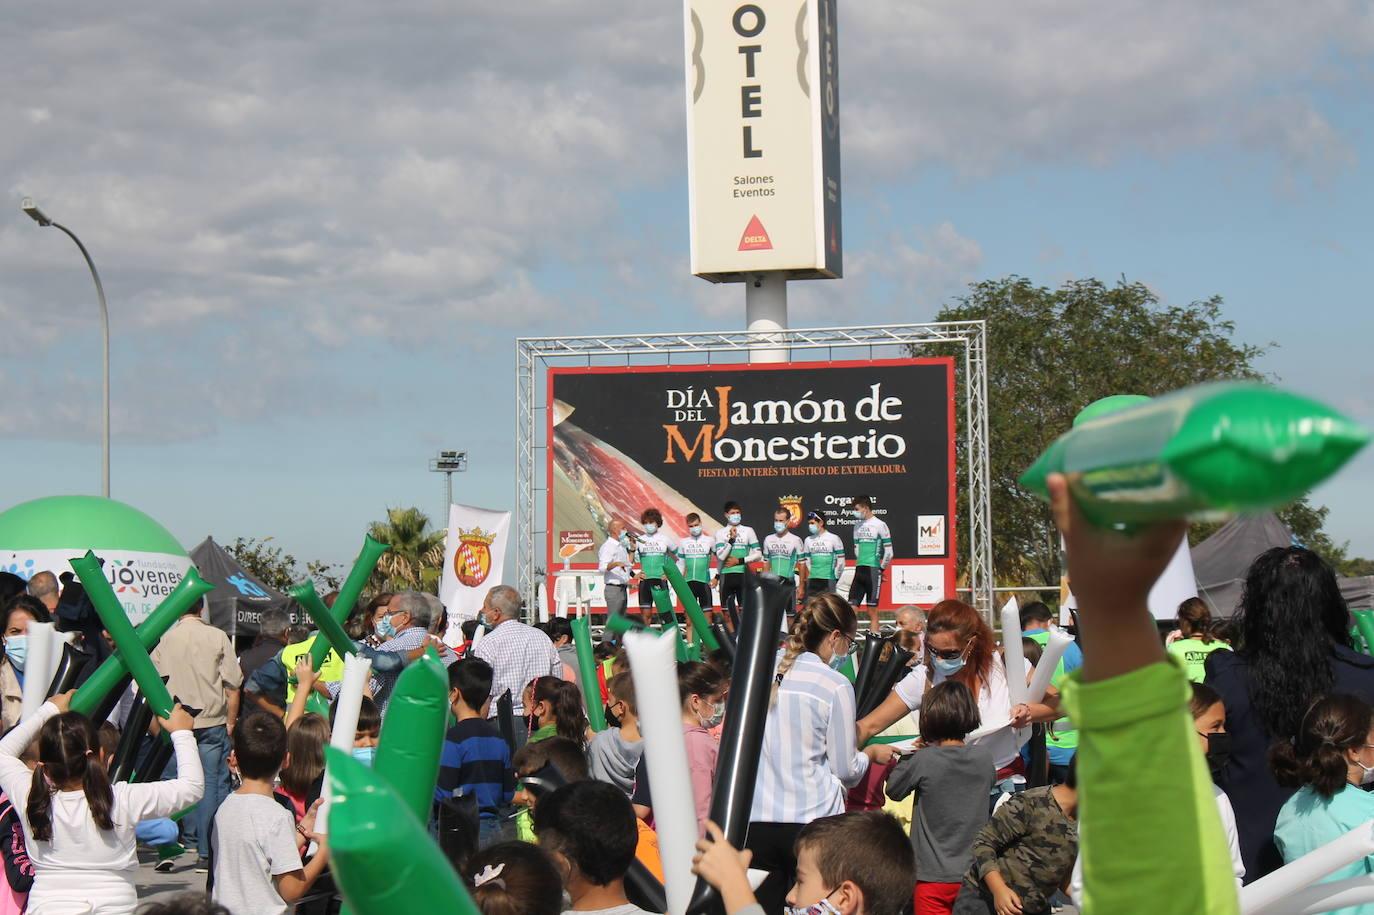 Monesterio se convierte en una fiesta con la salida de la Vuelta Ciclista Extremadura 2021